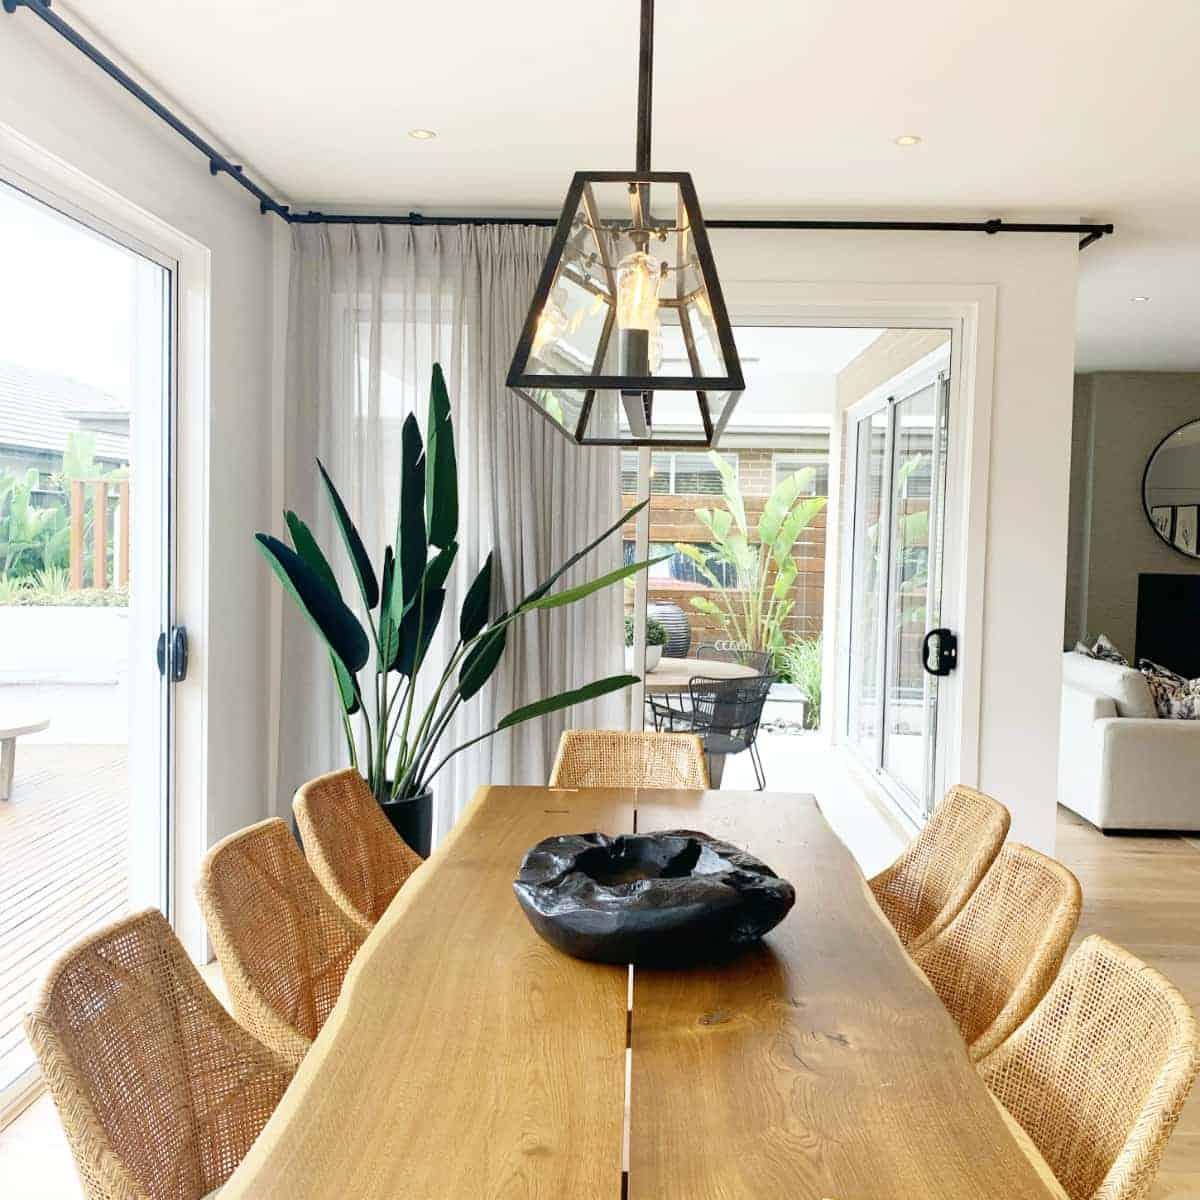 Der Massivholz-Tisch ein Stück Natur in den Raum bringen